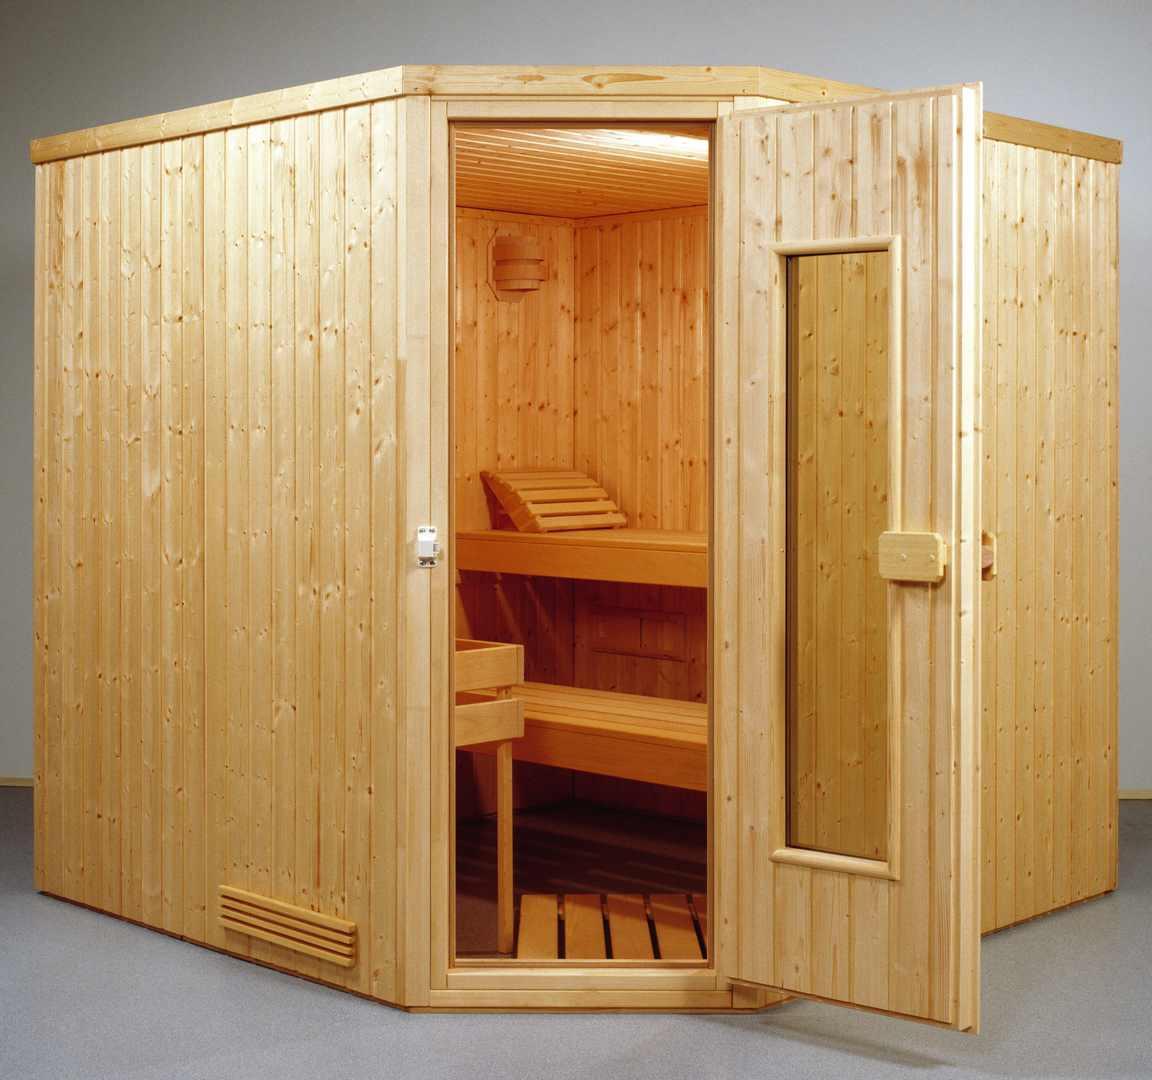 elementsauna classic 14 2 01 x 1 65 x 1 98 m 5 eck sauna. Black Bedroom Furniture Sets. Home Design Ideas